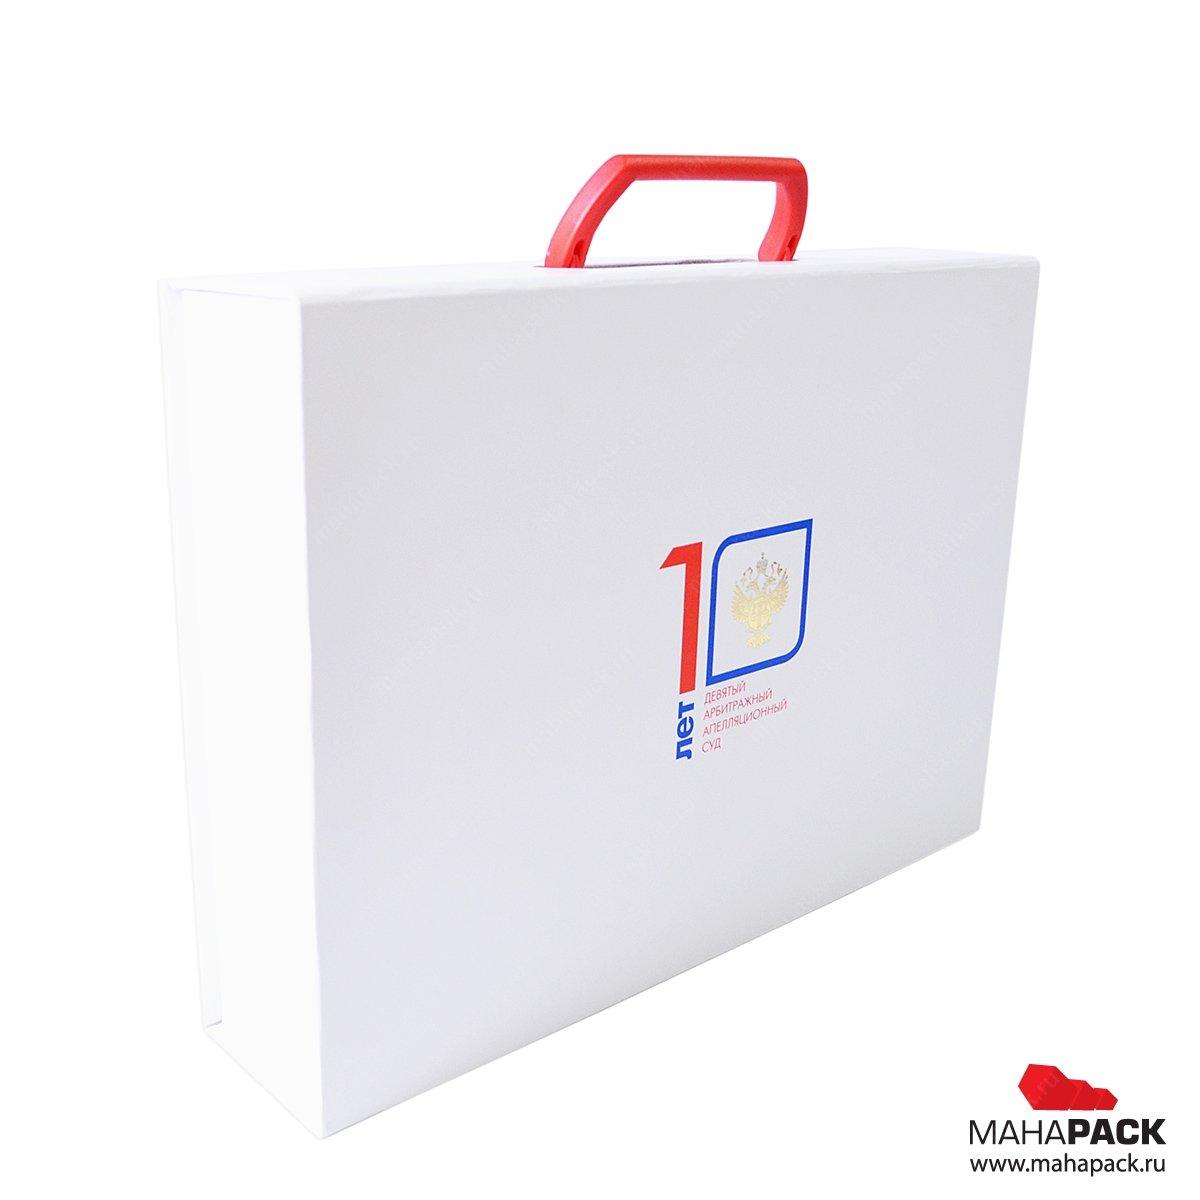 фирменная подарочная упаковка с логотипом